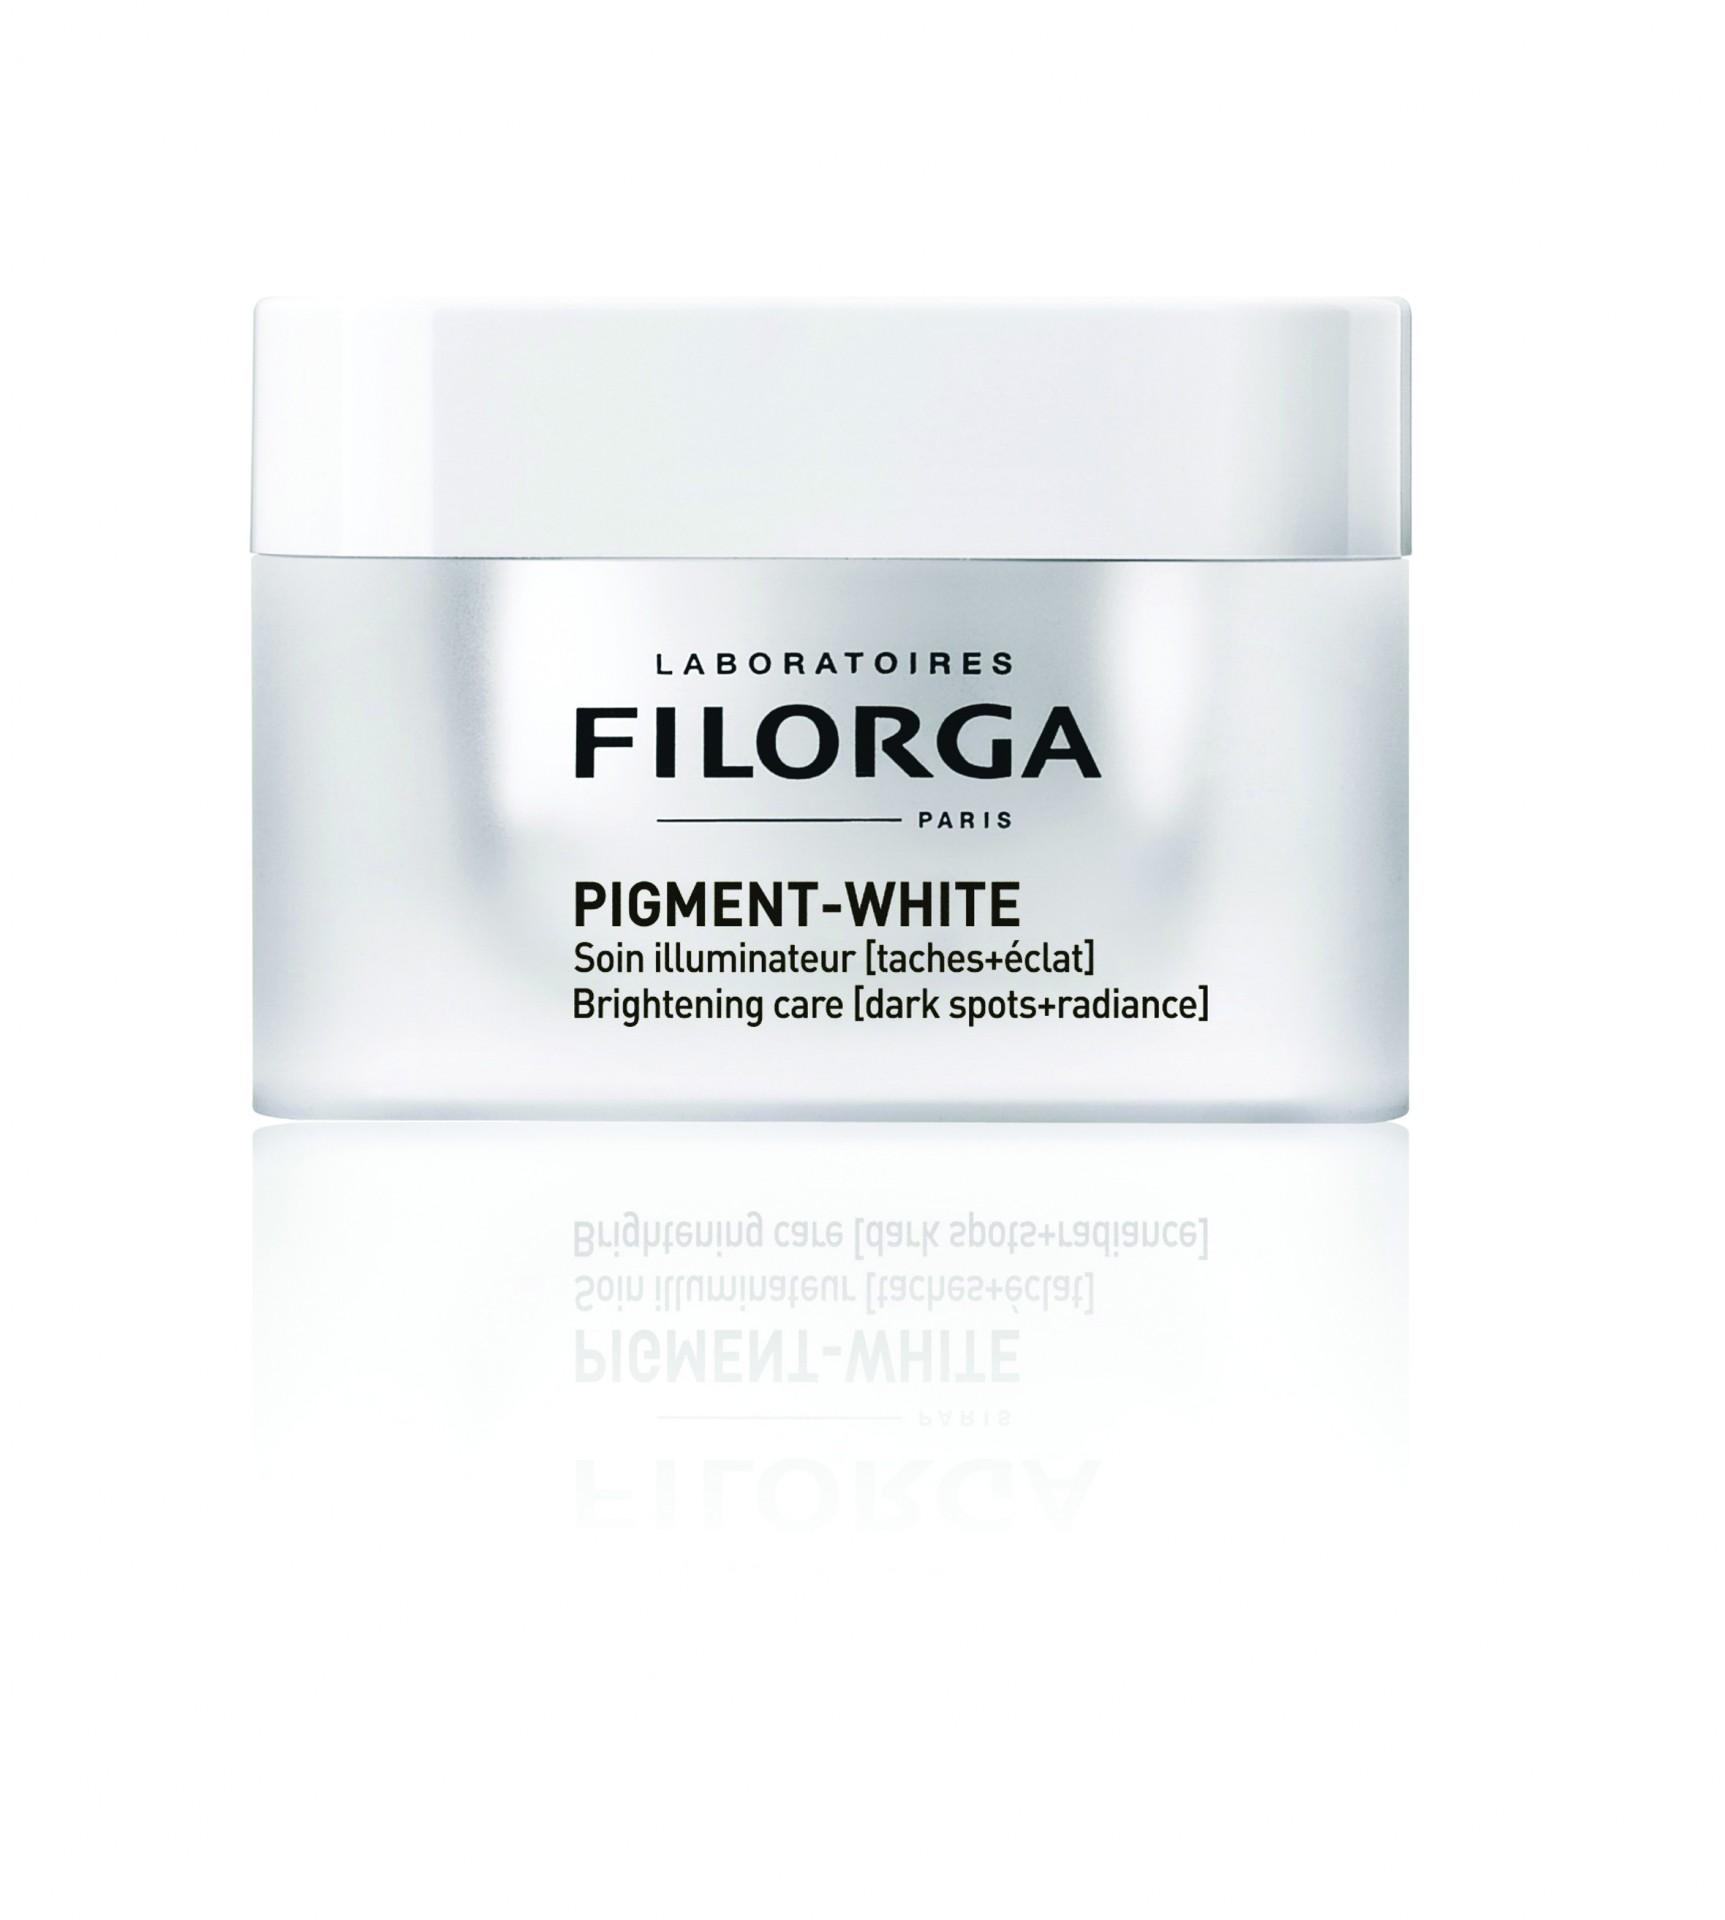 Filorga - Pigment-White Creme 50ml